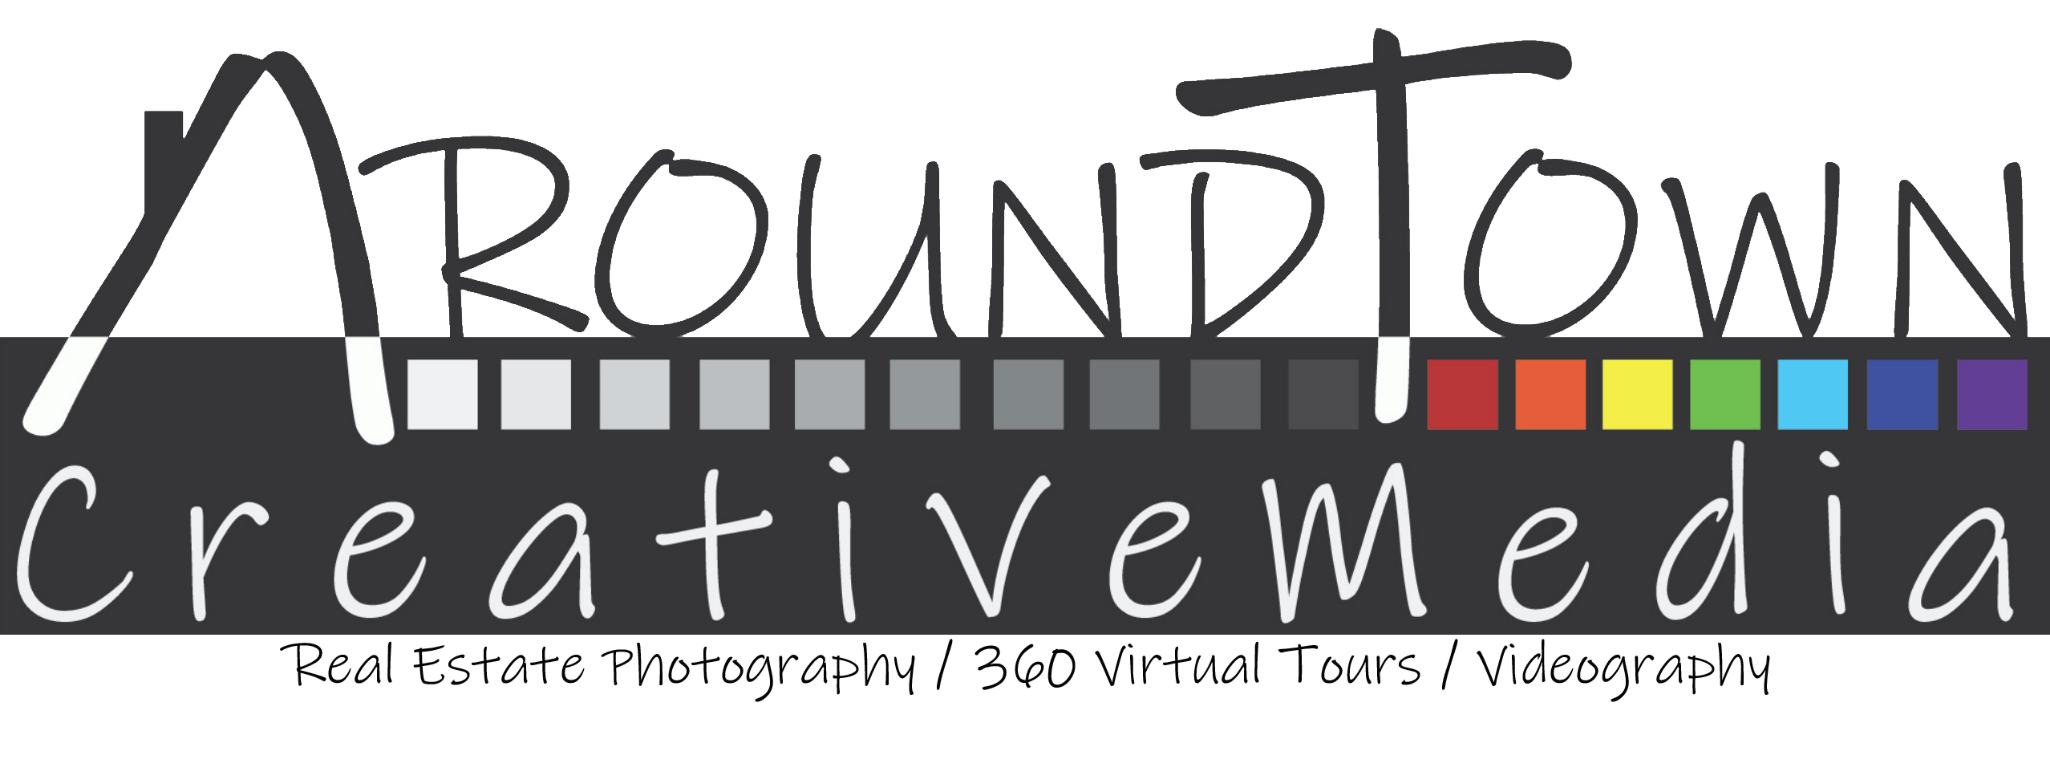 Around Town Creative Media floor plan Land O' Lakes